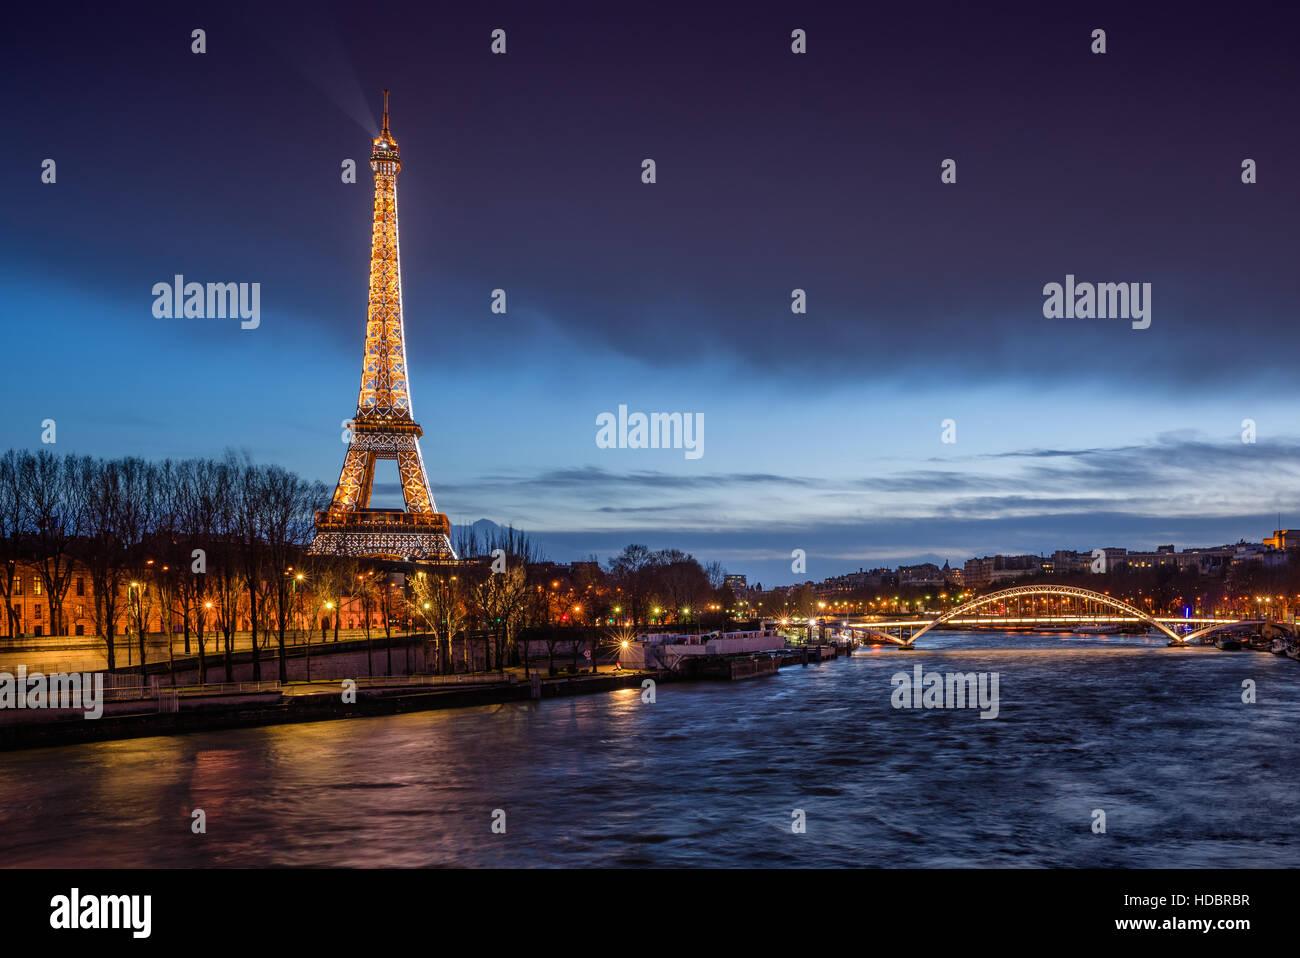 La Torre Eiffel illuminata al crepuscolo con sponde della Senna e la passerella Debilly. Parigi, Francia Immagini Stock